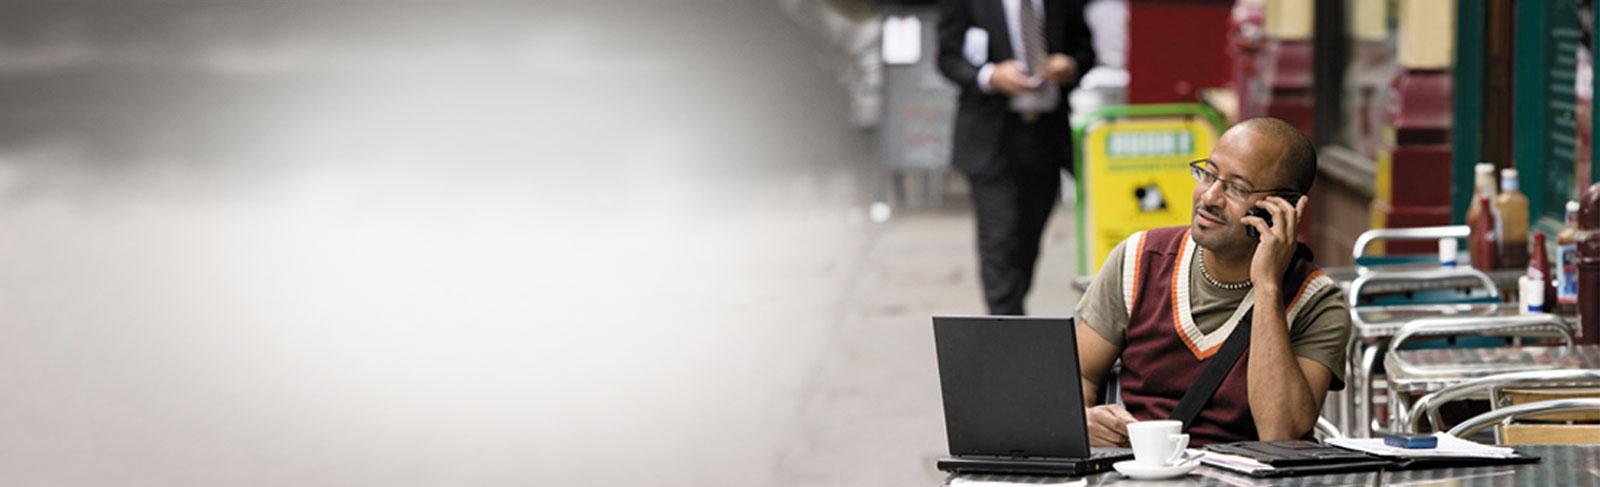 Čovjek s telefonom i prijenosnim računalom u kafiću koji koristi poslovnu e-poštu putem sustava Exchange Server 2013.